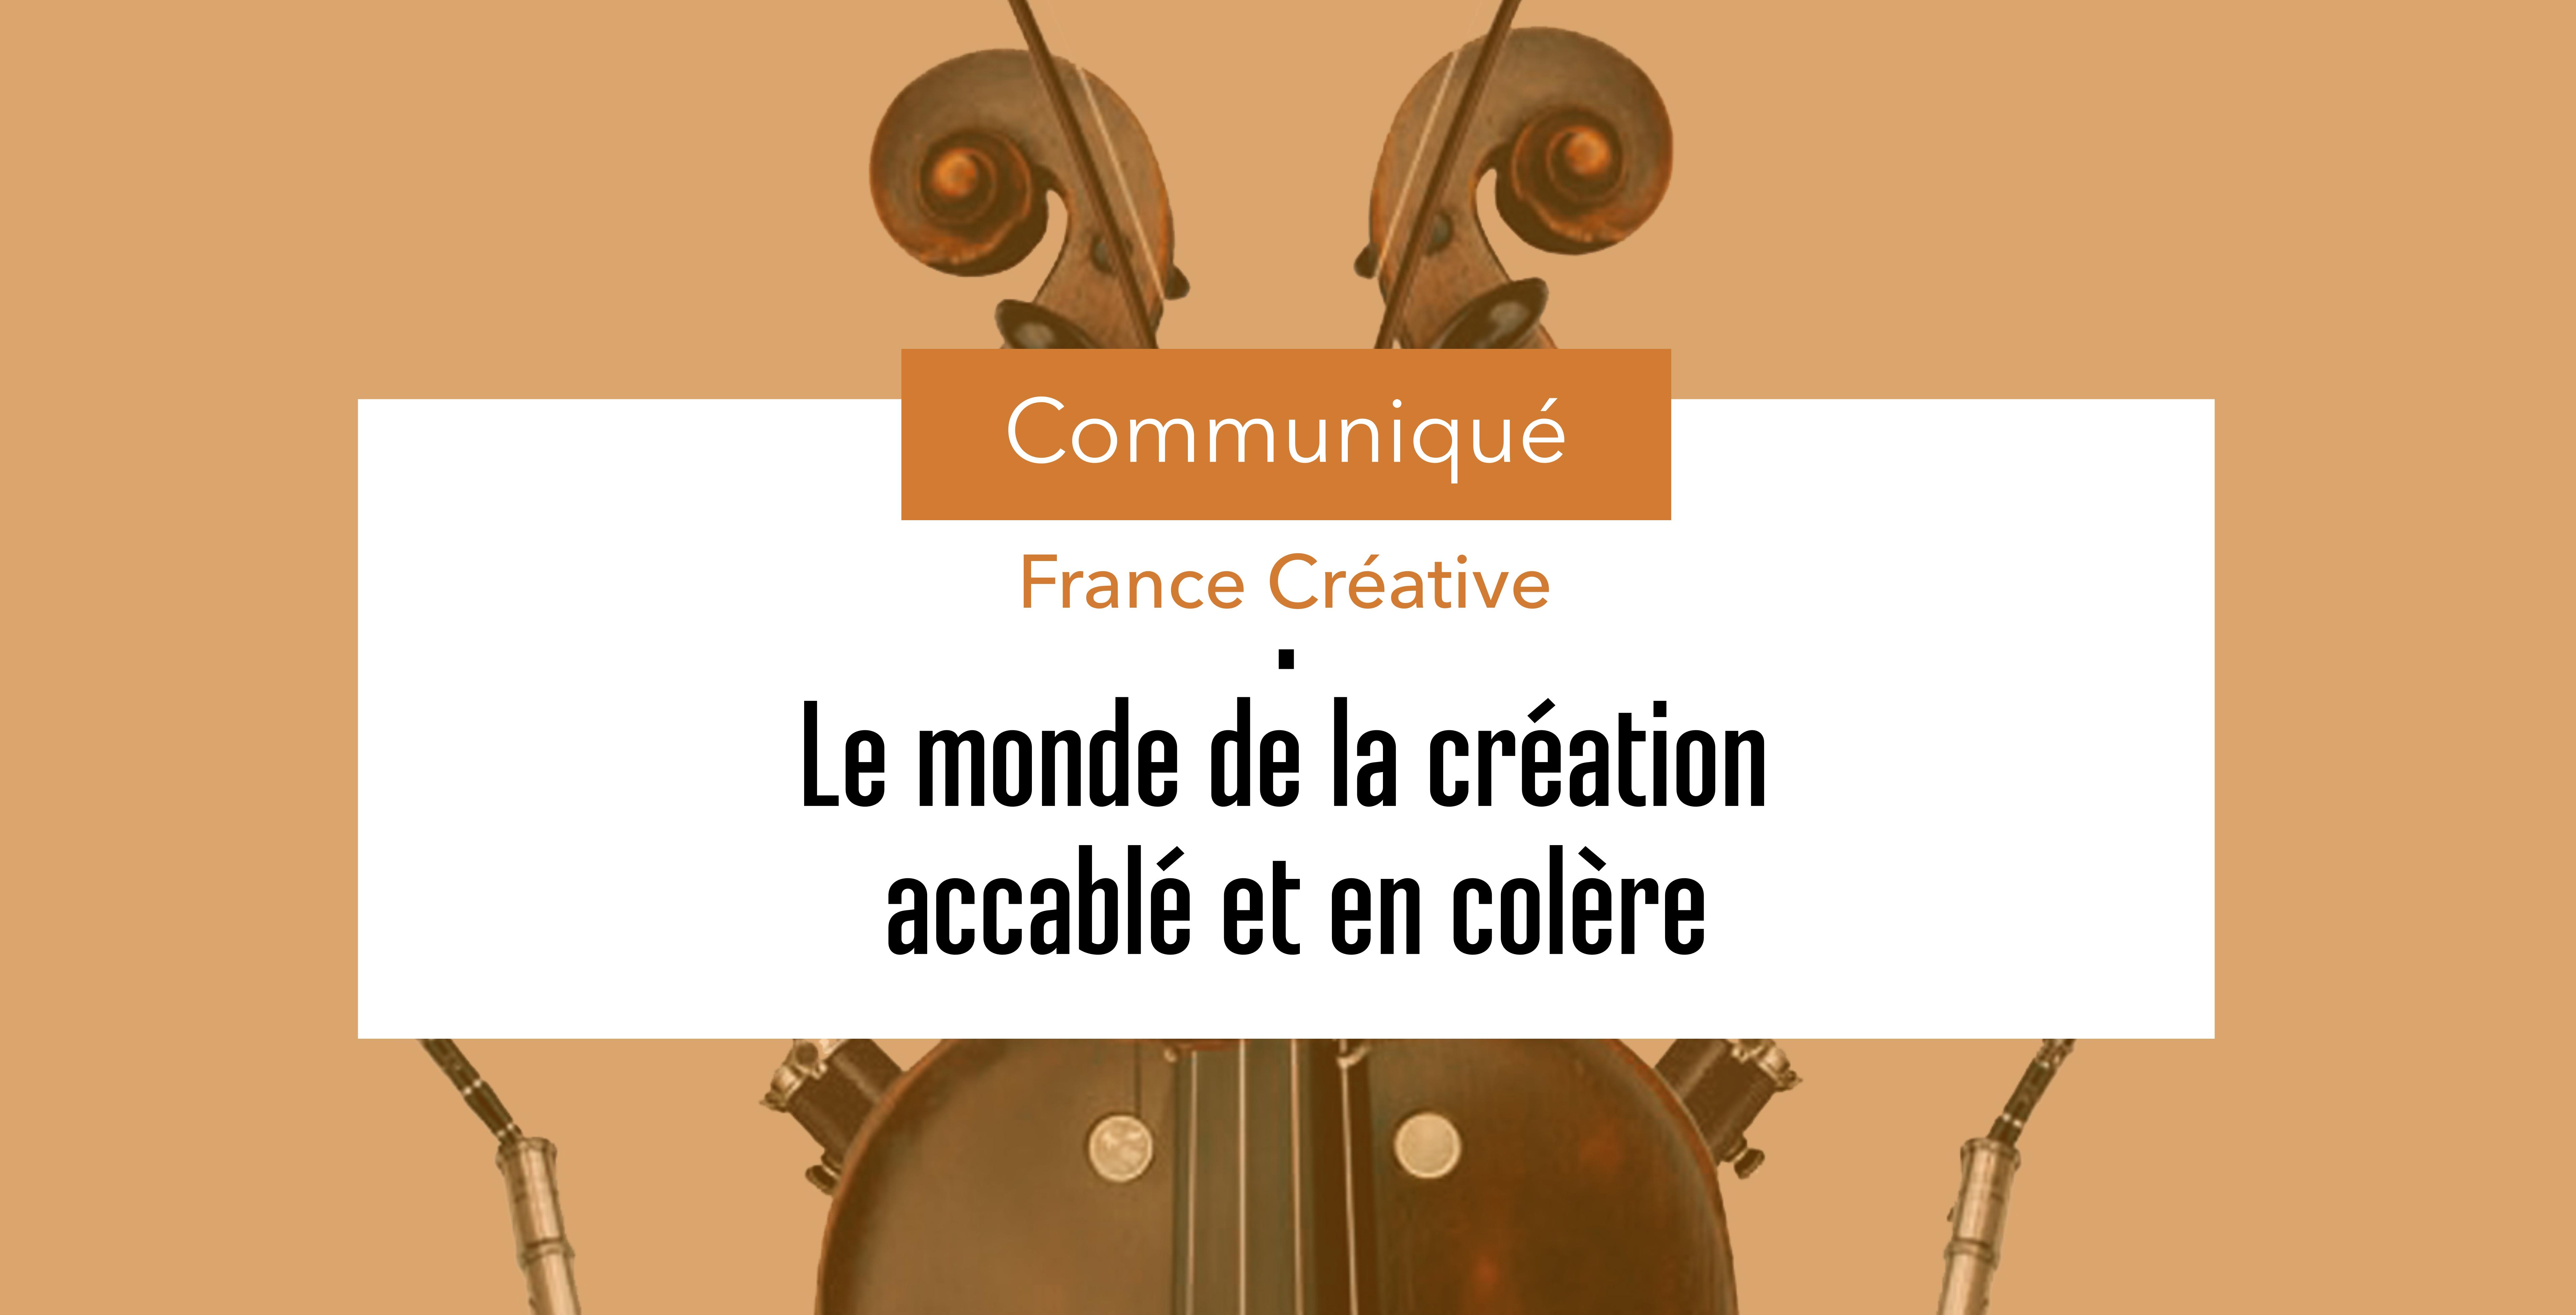 Communiqué France Créative – Le monde de la création accablé et en colère